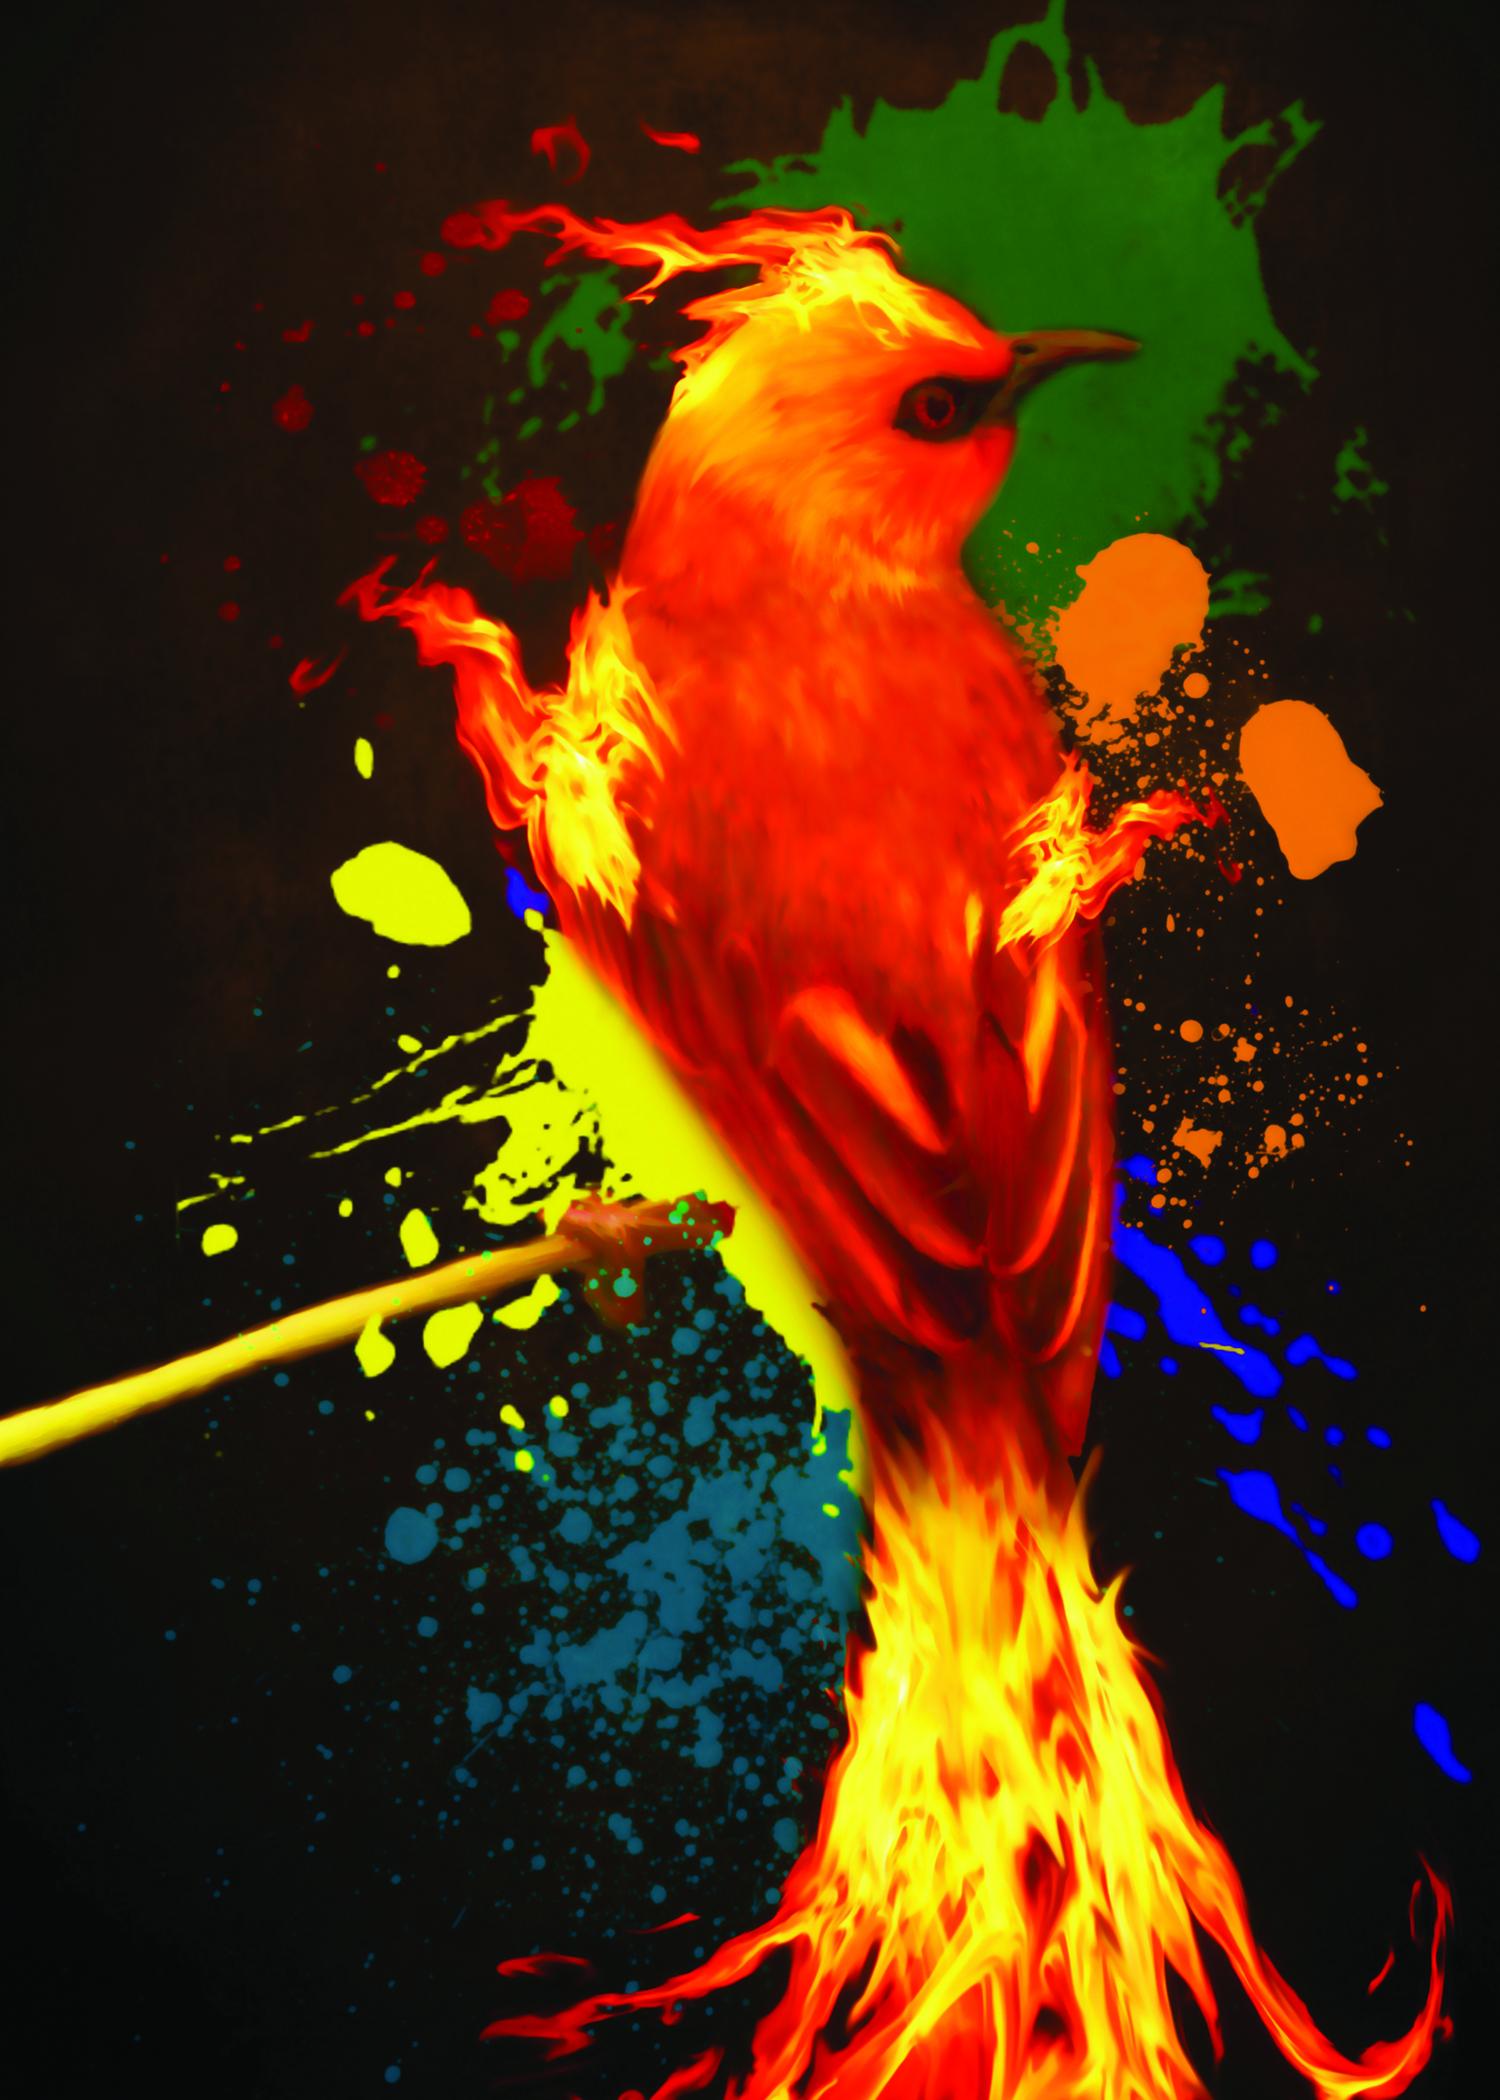 Plumage of the Phoenix